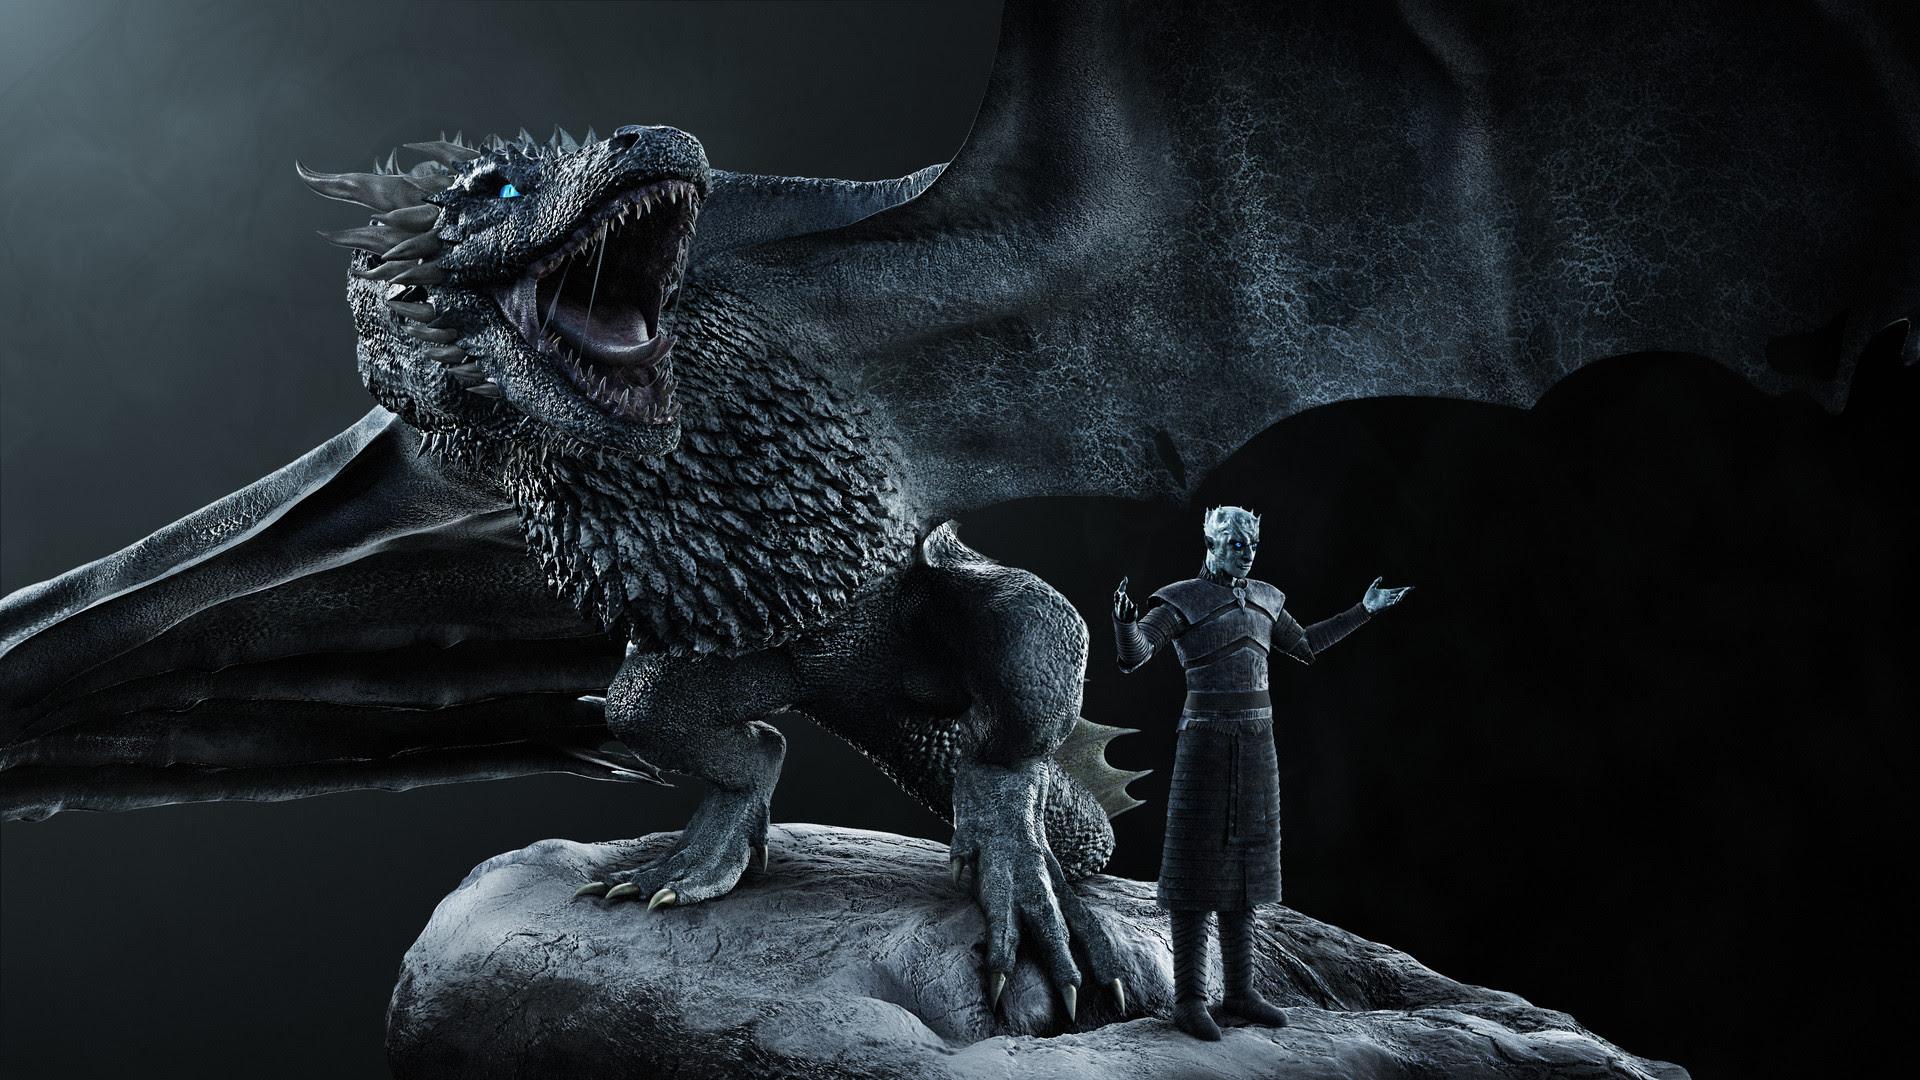 White Walker Dragon Background Wallpaper 38142 Baltana